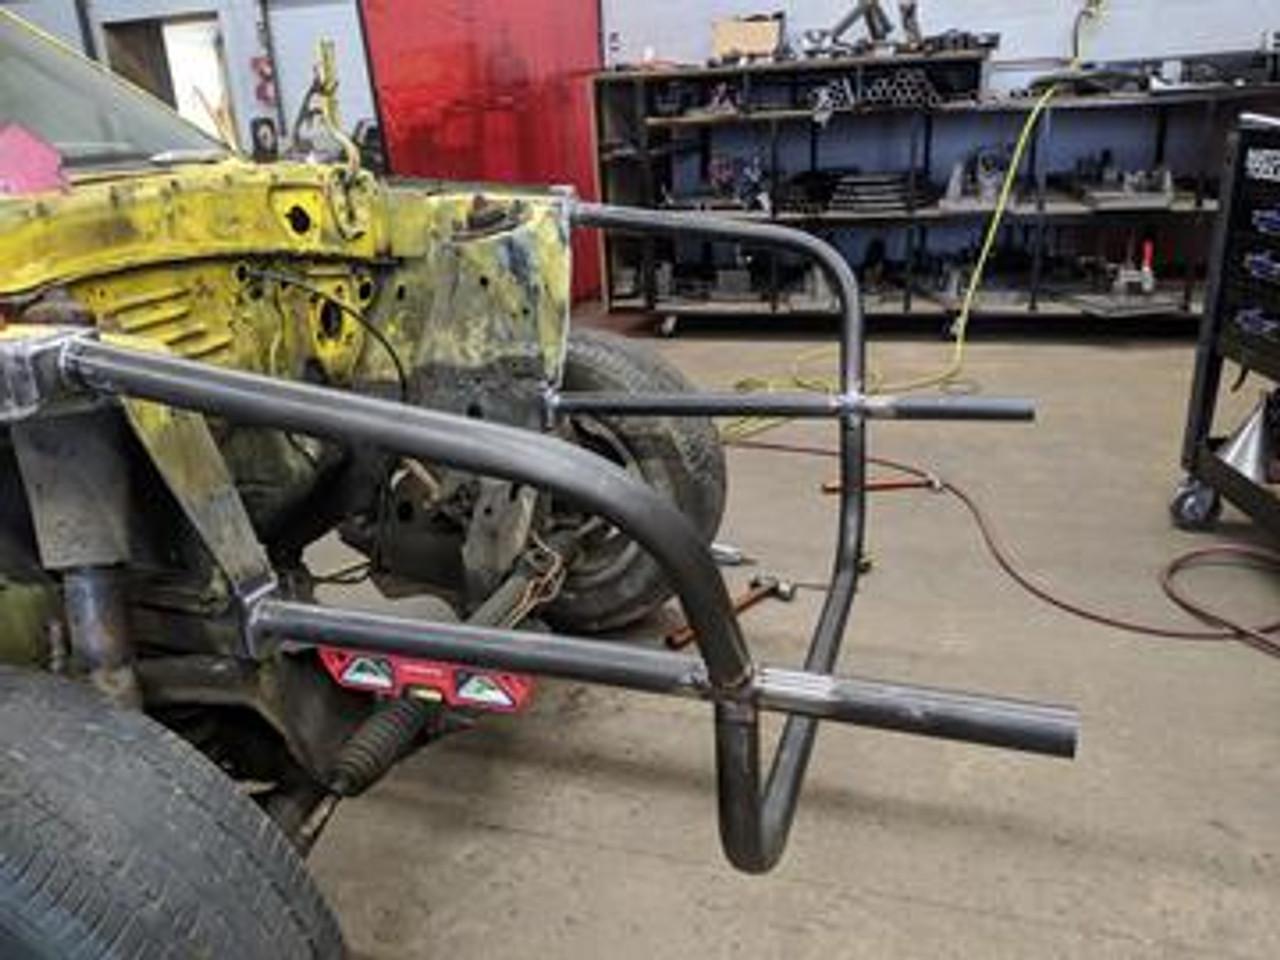 1979-2004 Mustang Tubular Front End Kit - Rock Solid Motorsports RSM